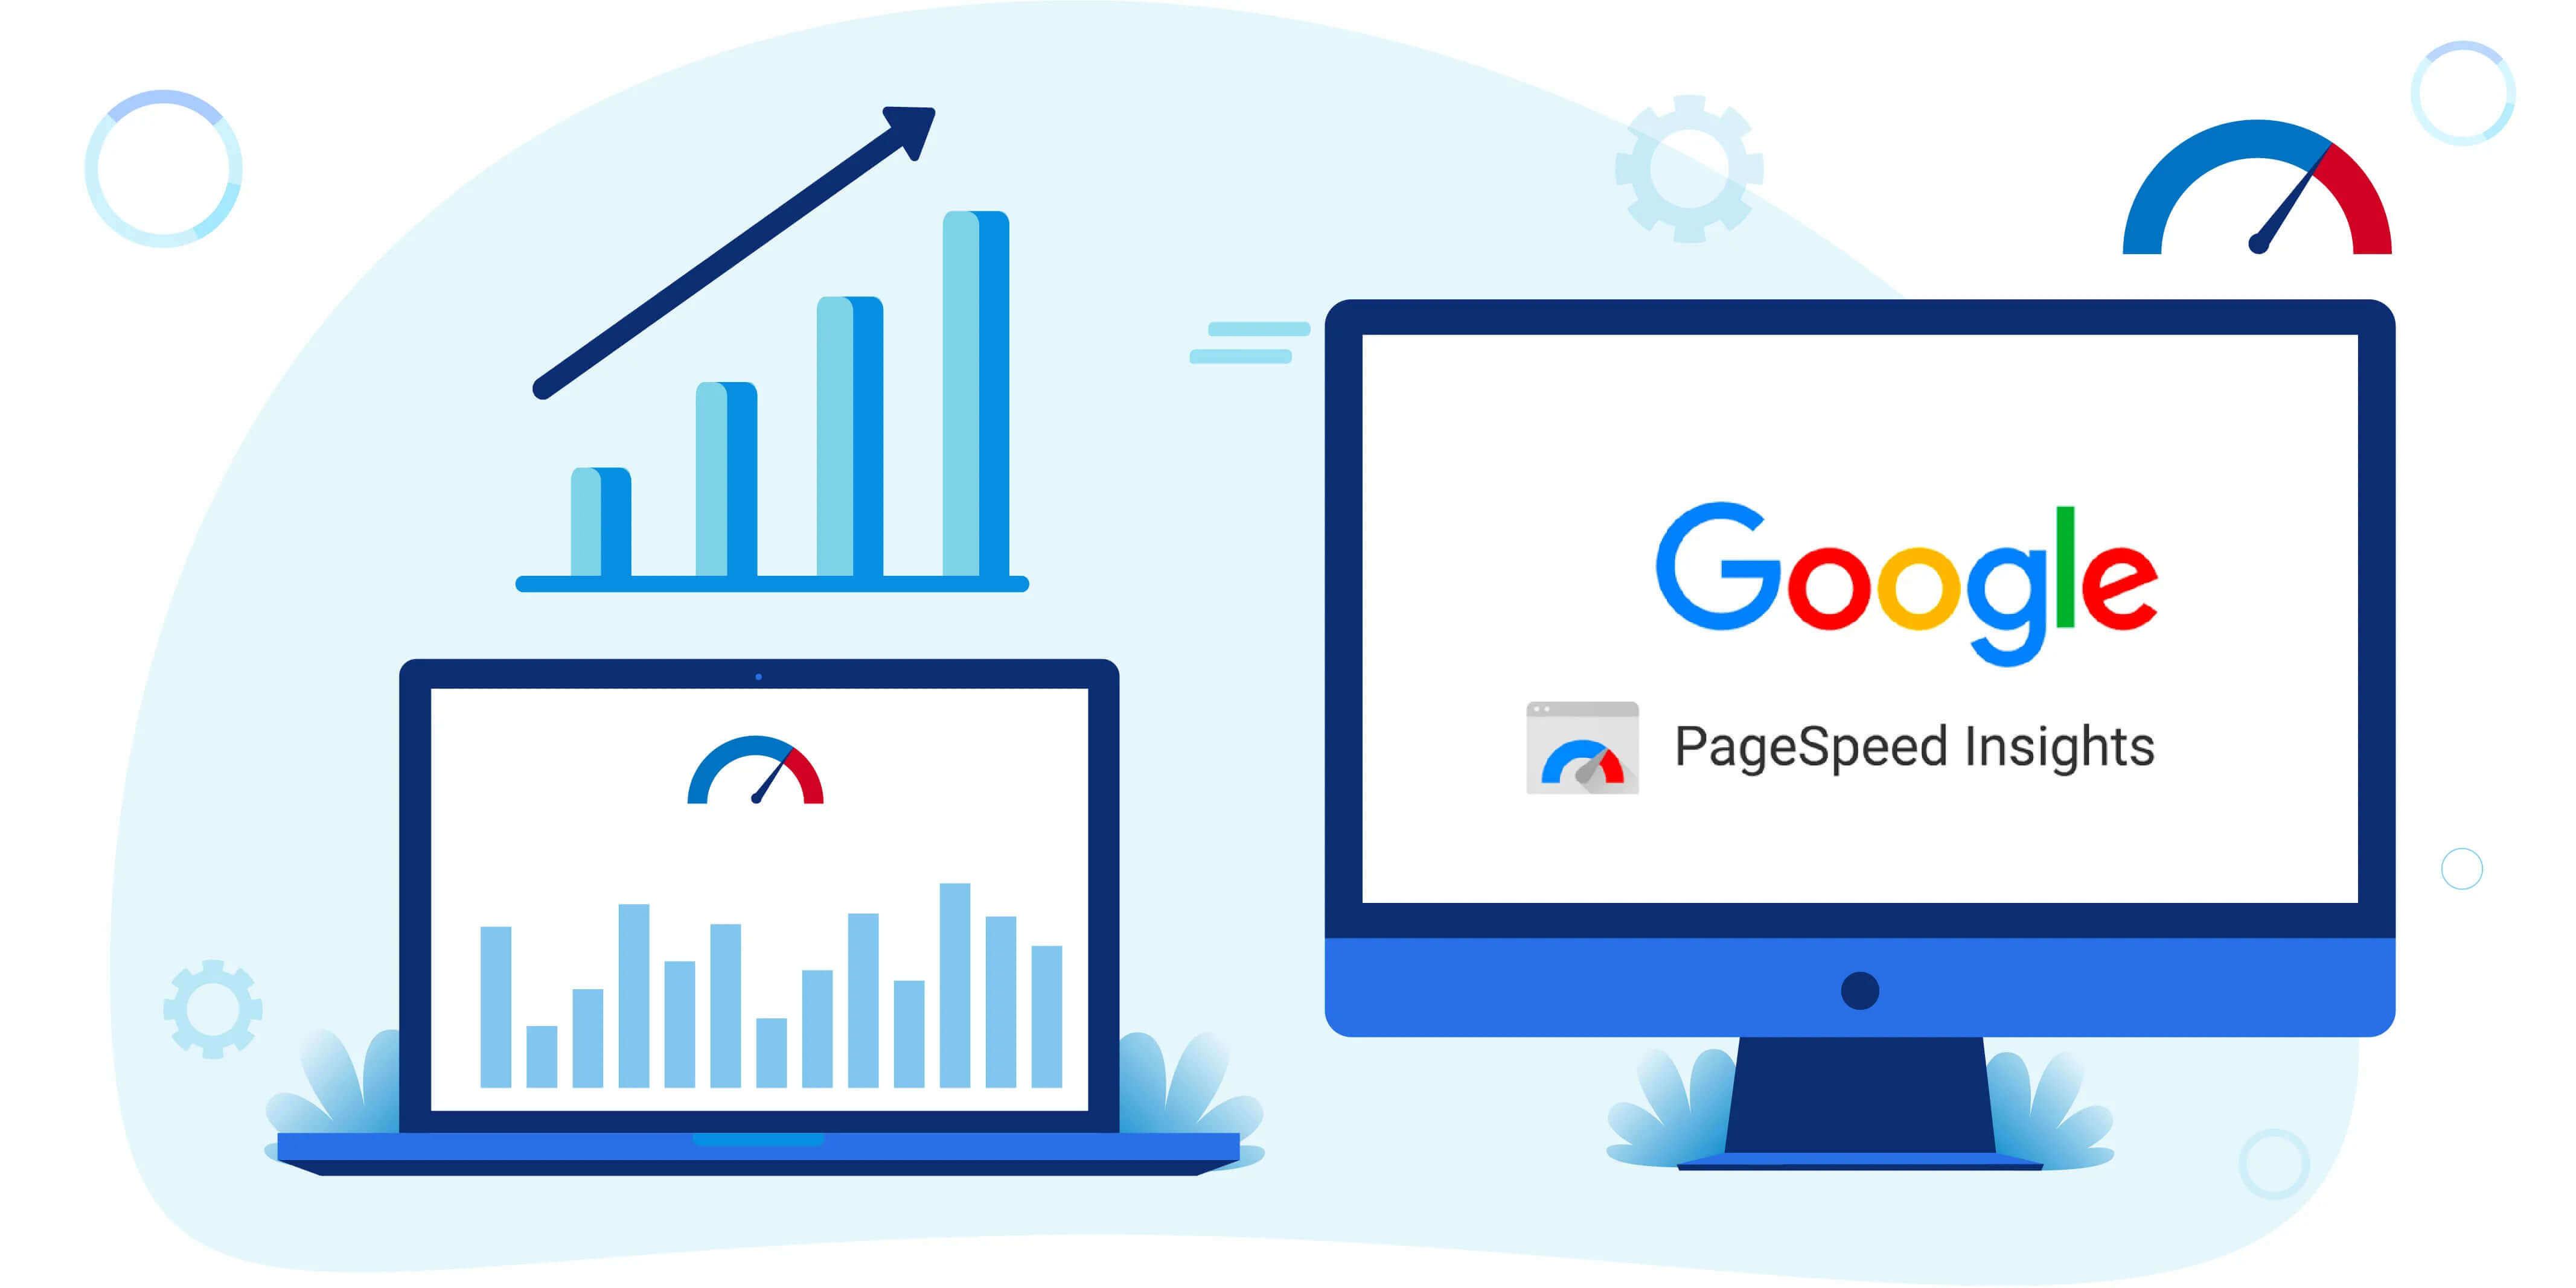 Hướng dẫn tối ưu trên 80 điểm Google PageSpeed cho Wordpress 1 375x195 - Hướng dẫn tăng tốc độ Website trên 80 điểm PageSpeed cho WordPress 2019